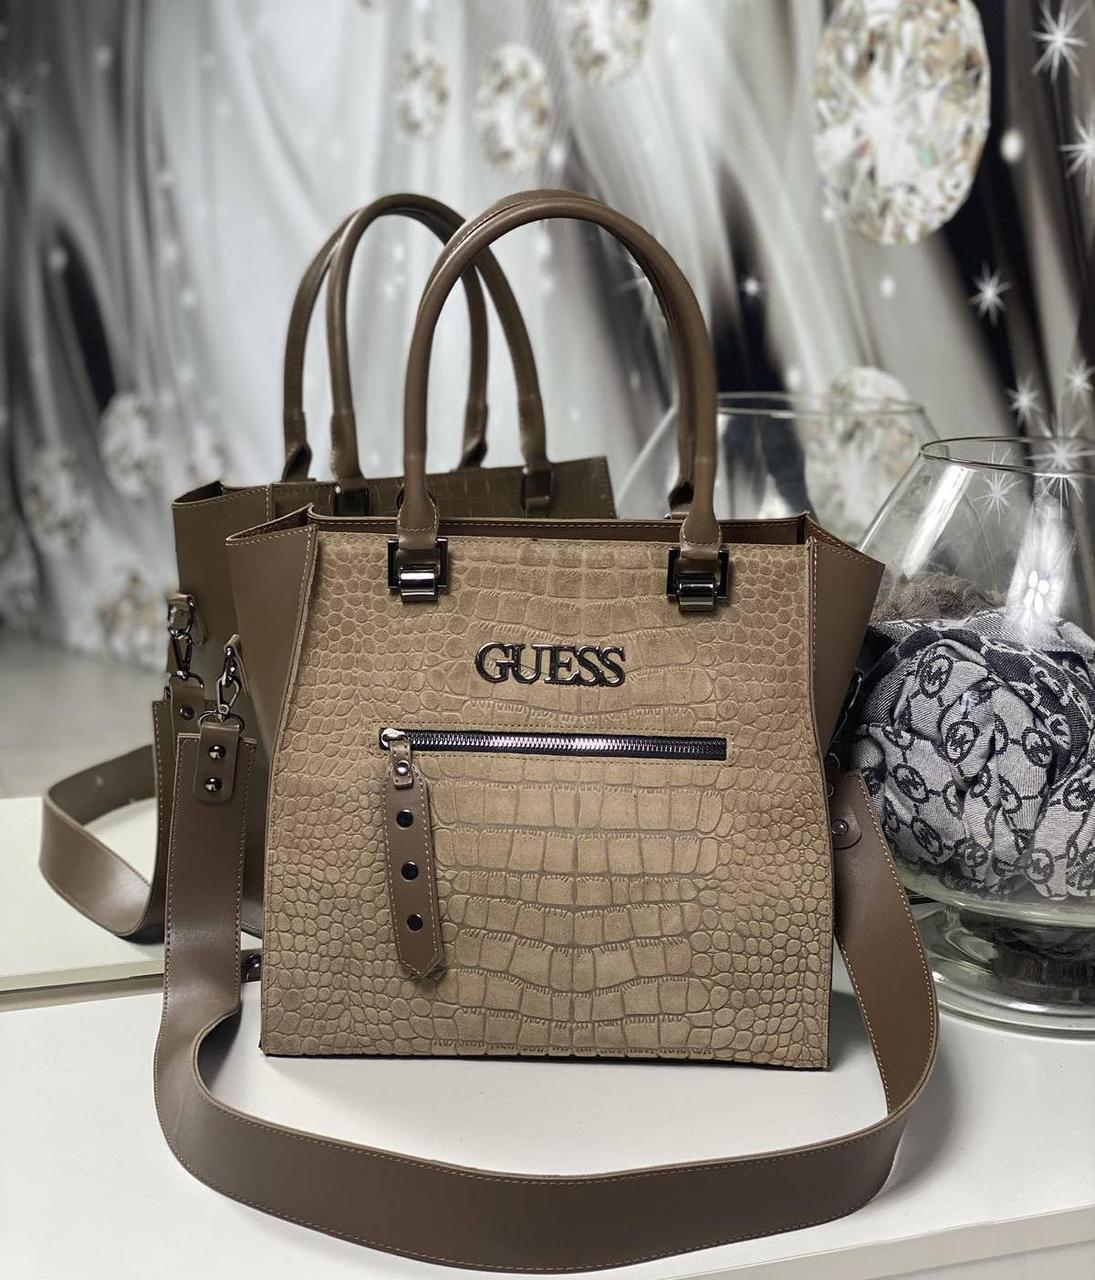 Женская сумка классическая модная небольшая повседневная квадратная стильная капучино замша+экокожа